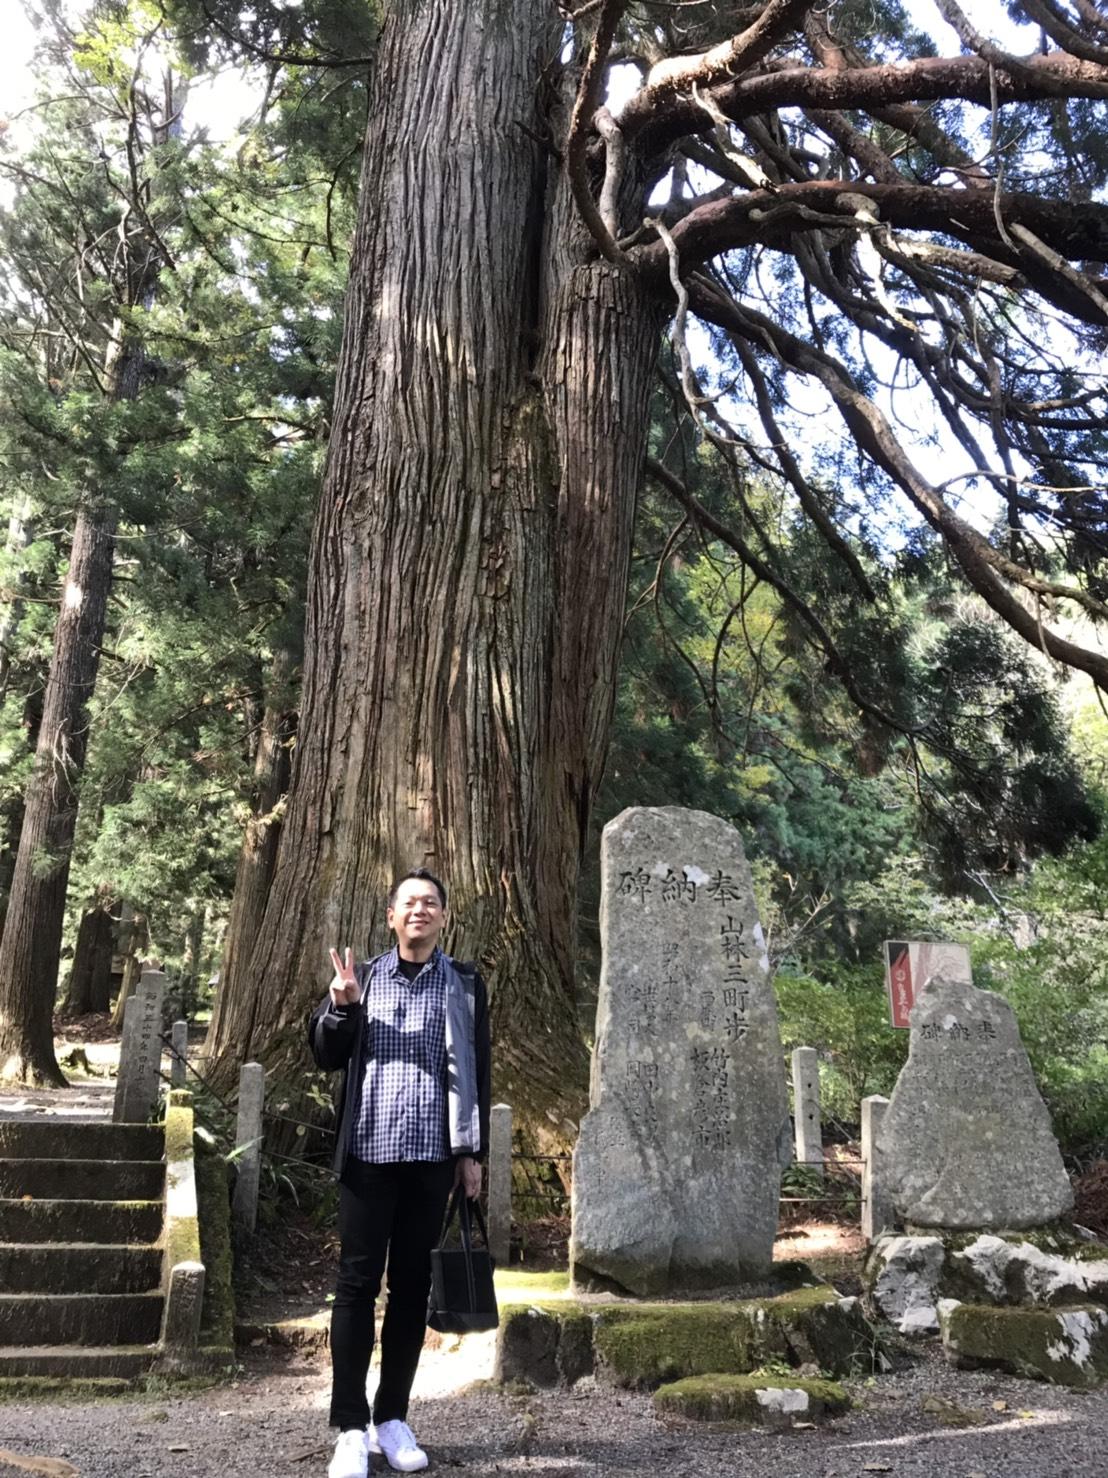 樹齢約1000年広島県下第2位の大きさの老杉